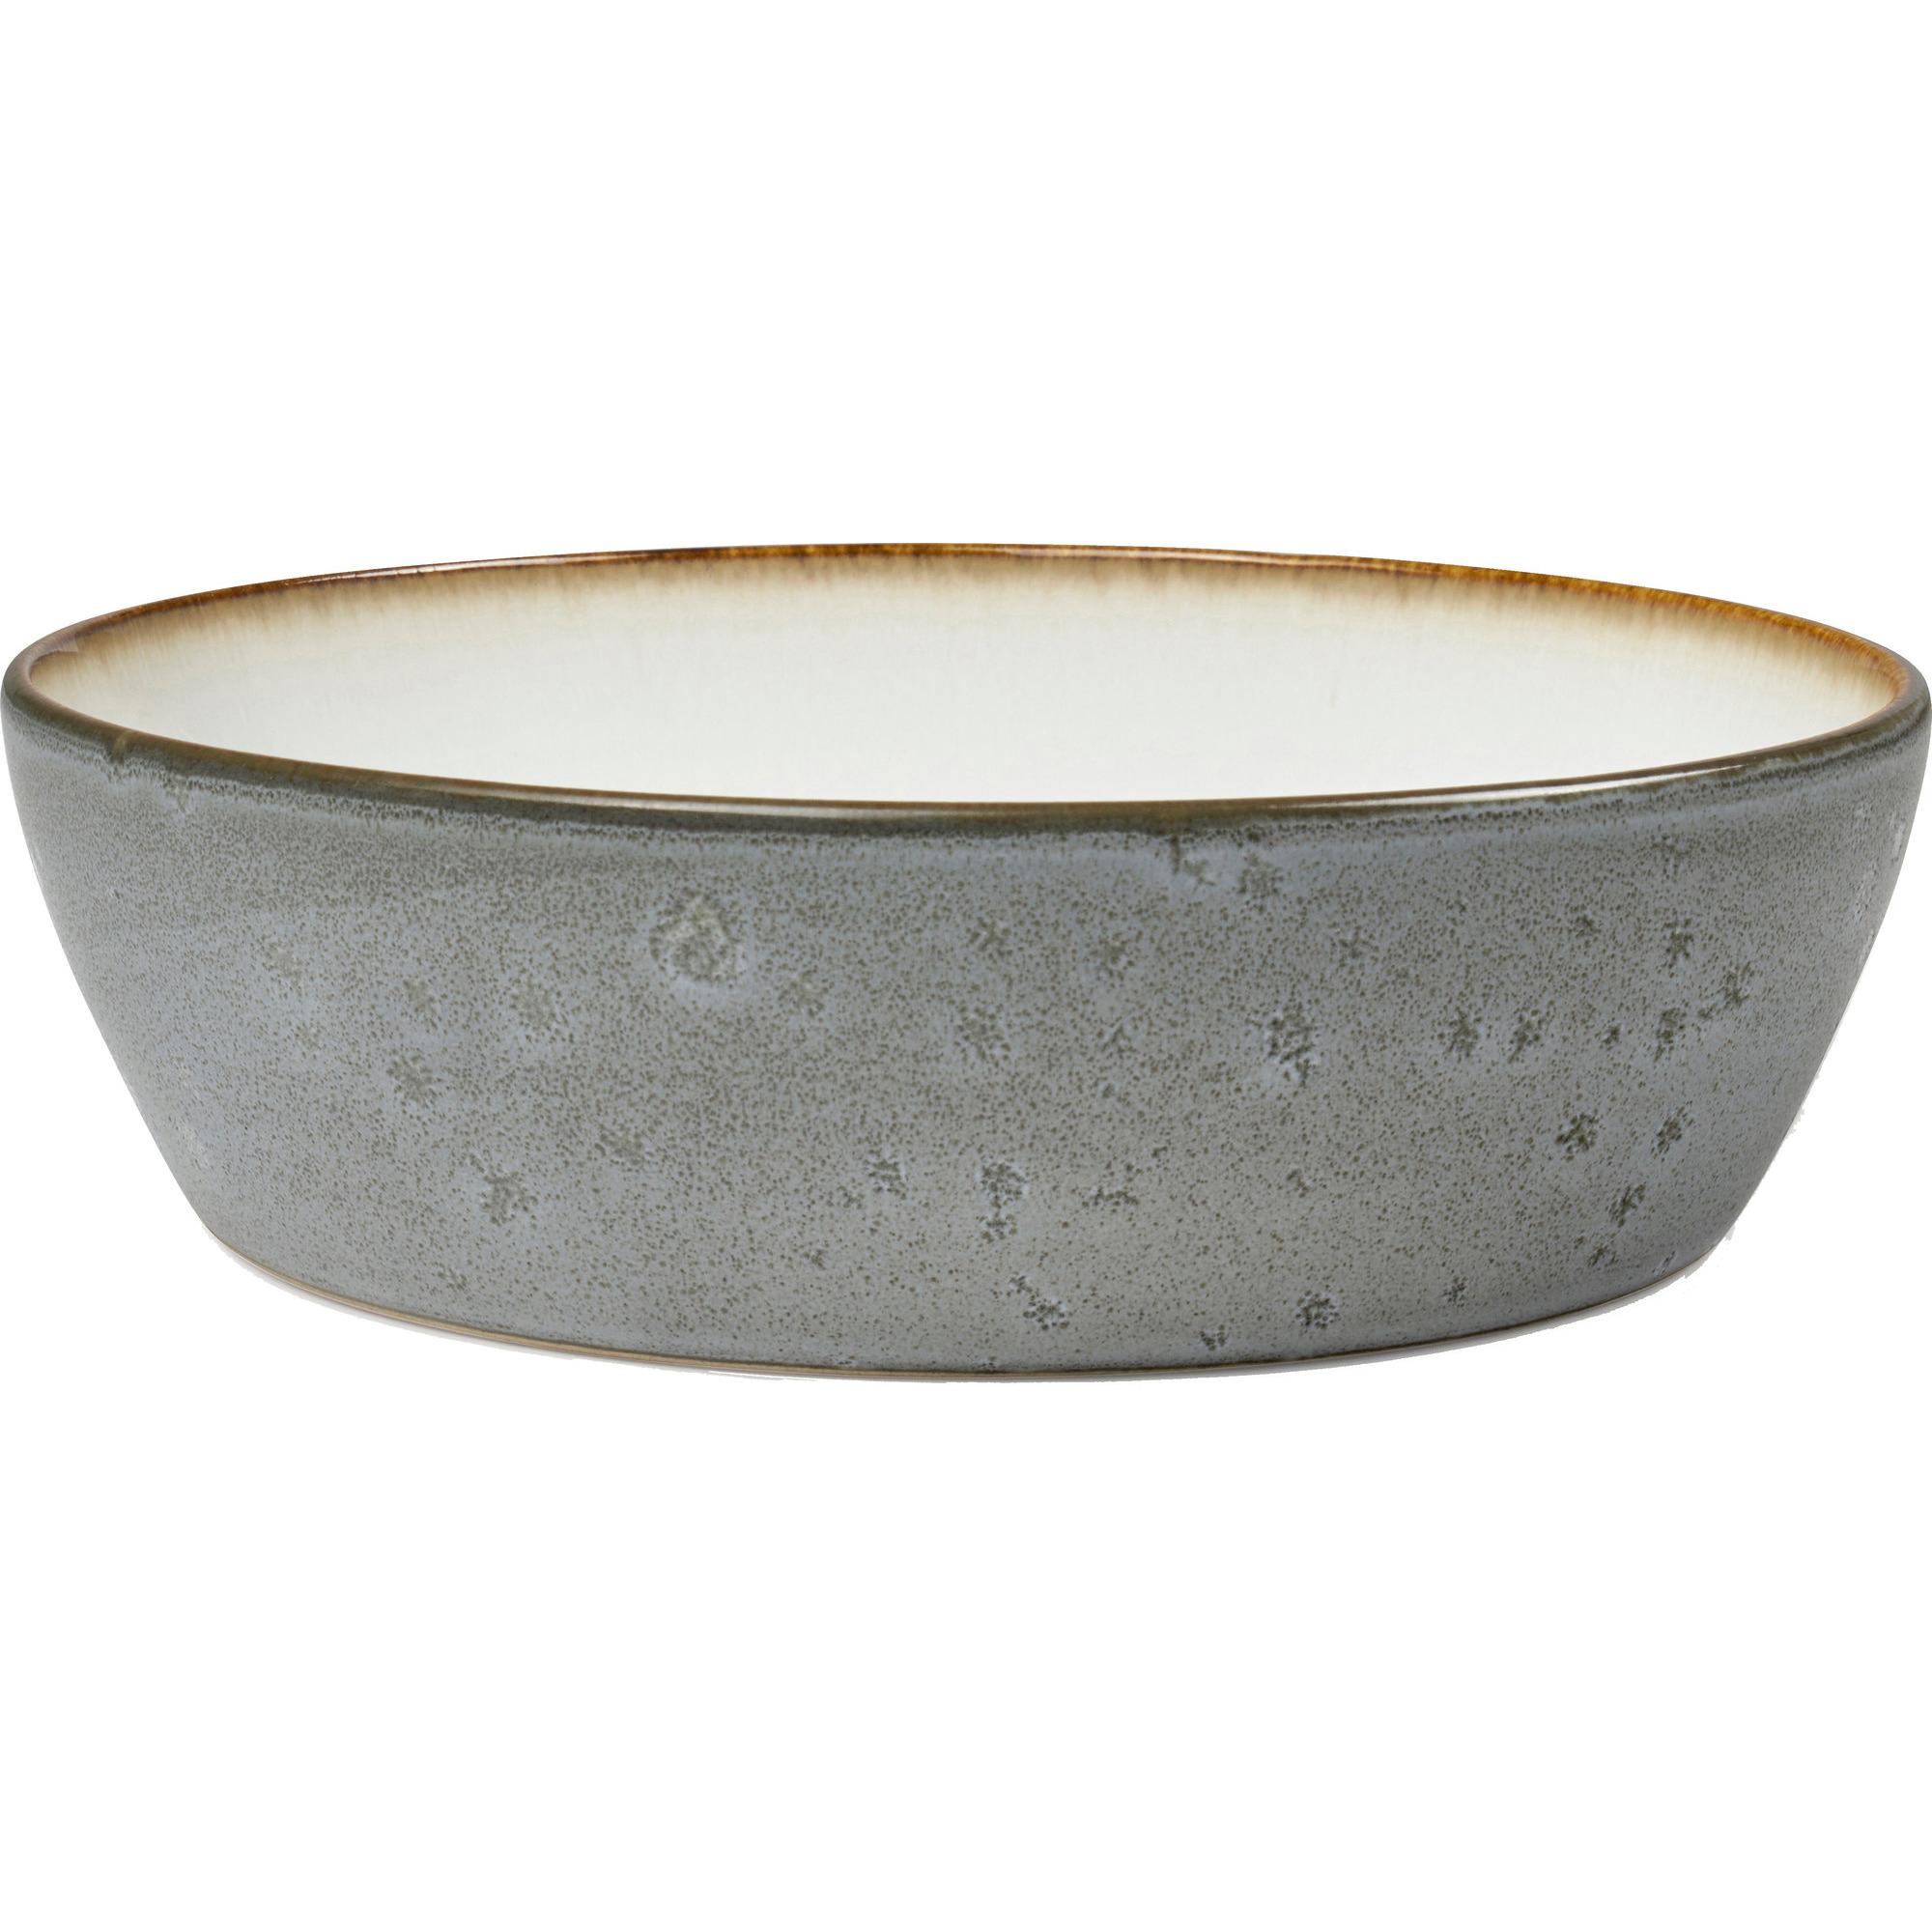 Bitz Soppskål 18 cm grå/gräddvit